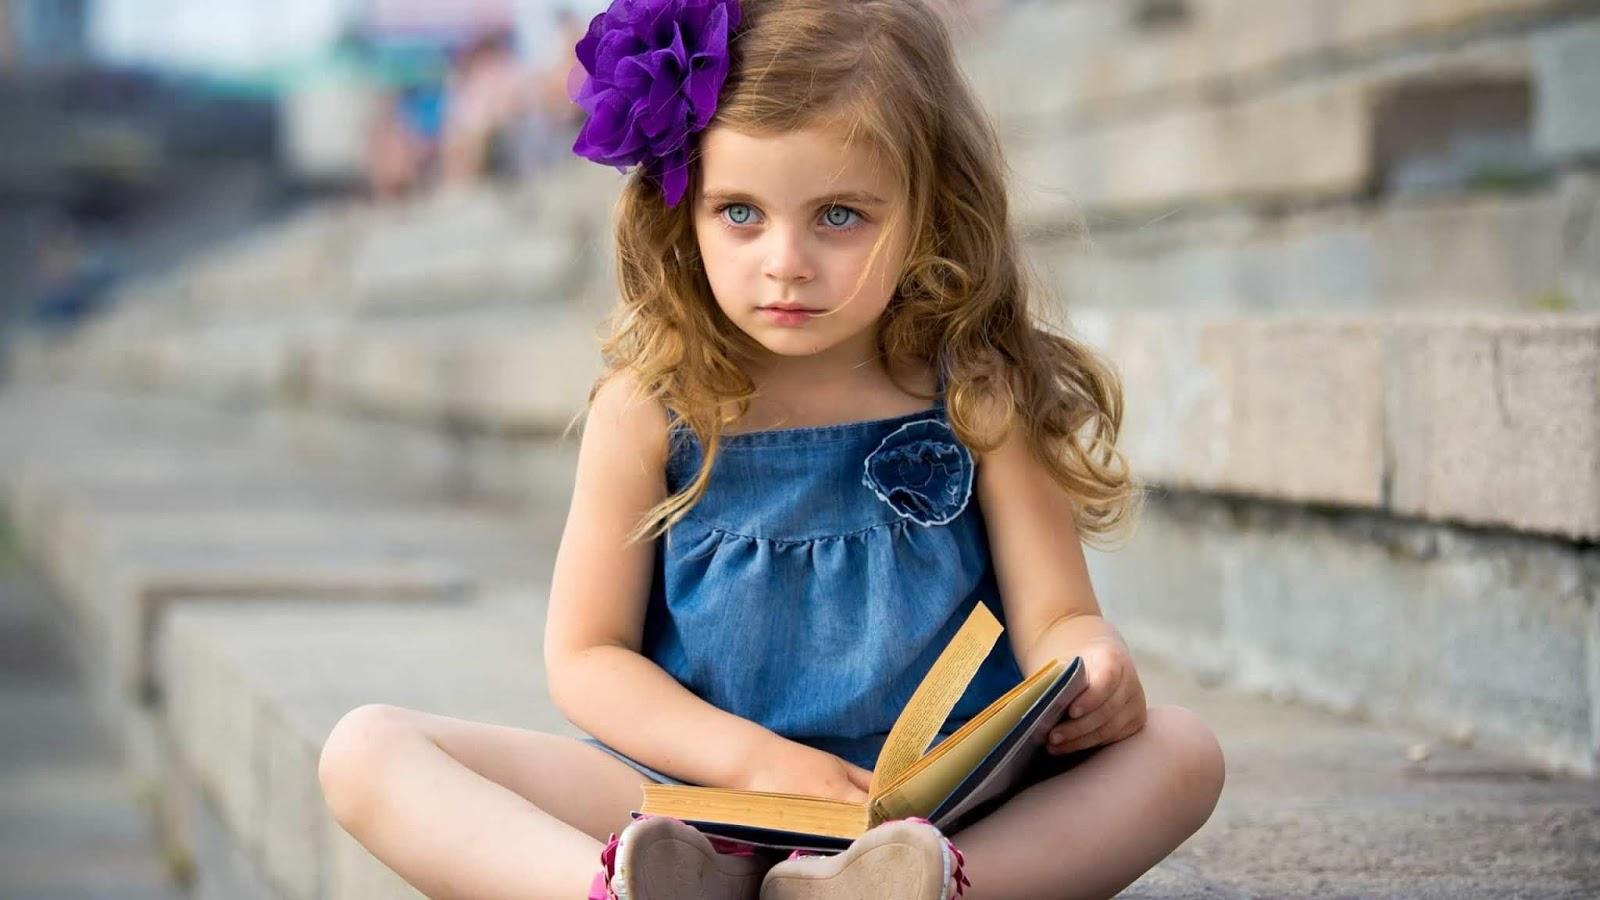 صور أطفال جميلة 2020 اجمل صور الاطفال صور بيبى جميلة ولاد وبنات صغار 4